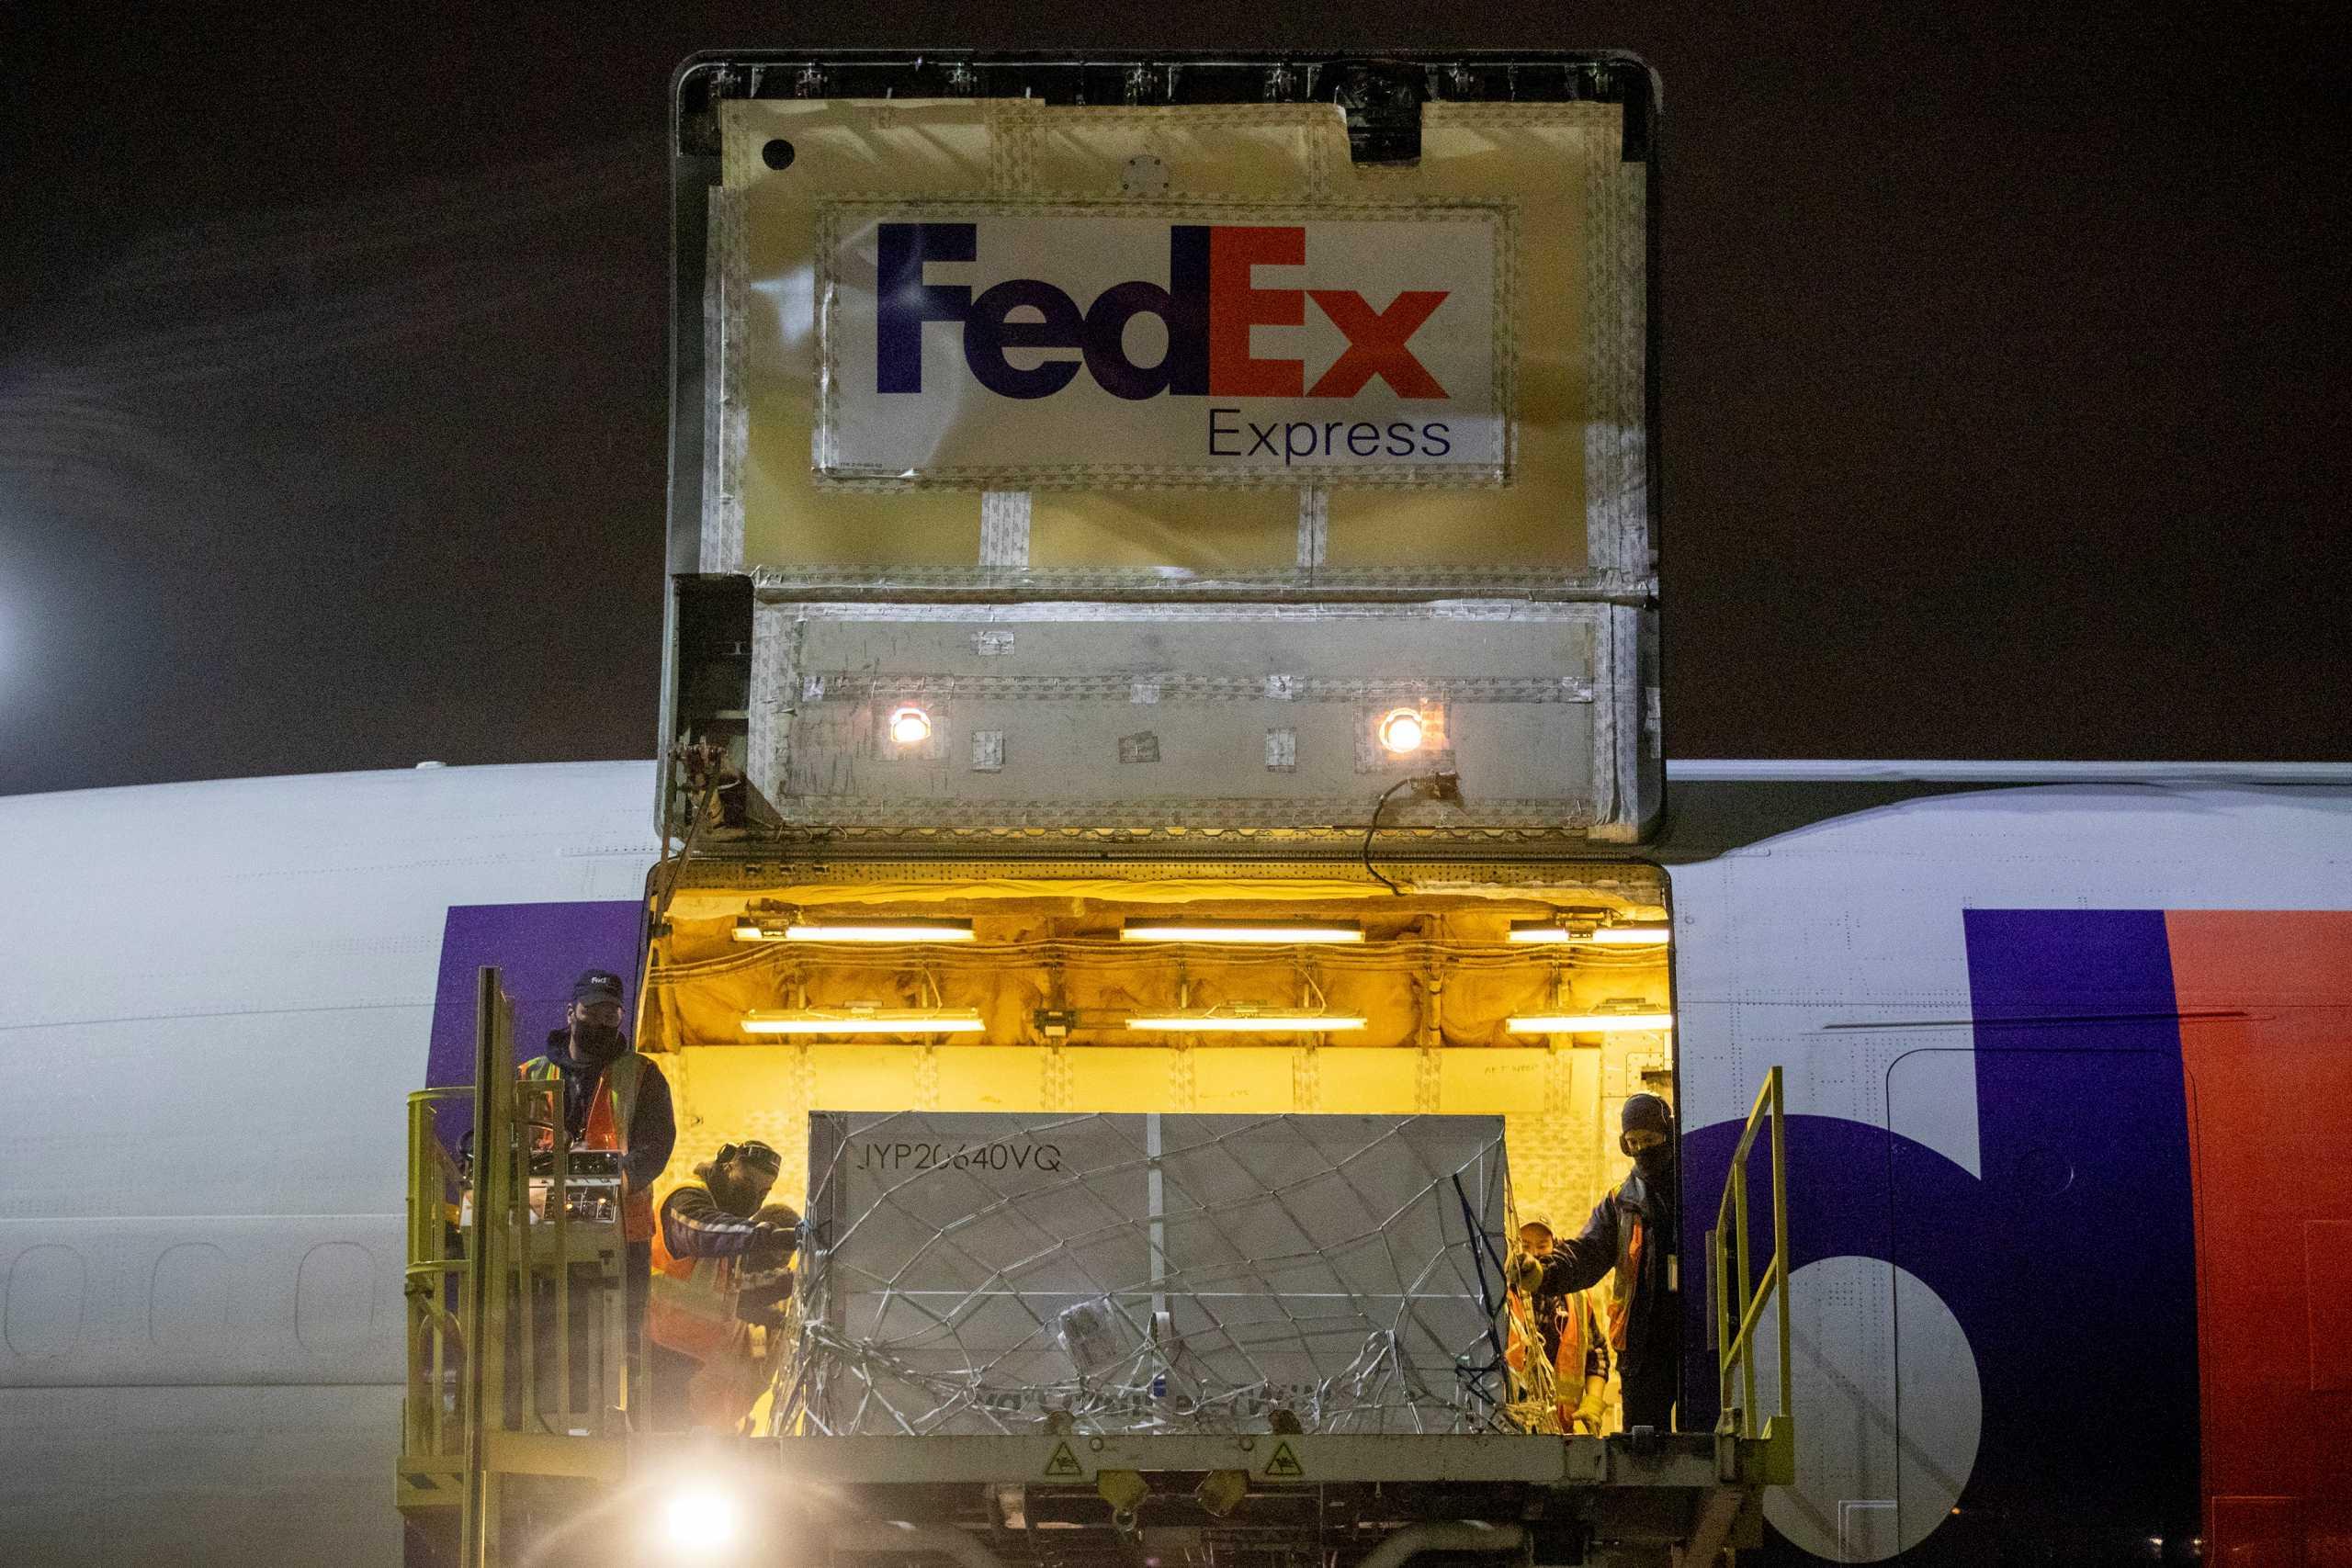 Συναγερμός στην Ιντιανάπολις: Πυροβολισμοί σε εγκαταστάσεις της FedEx – Πληροφορίες για θύματα